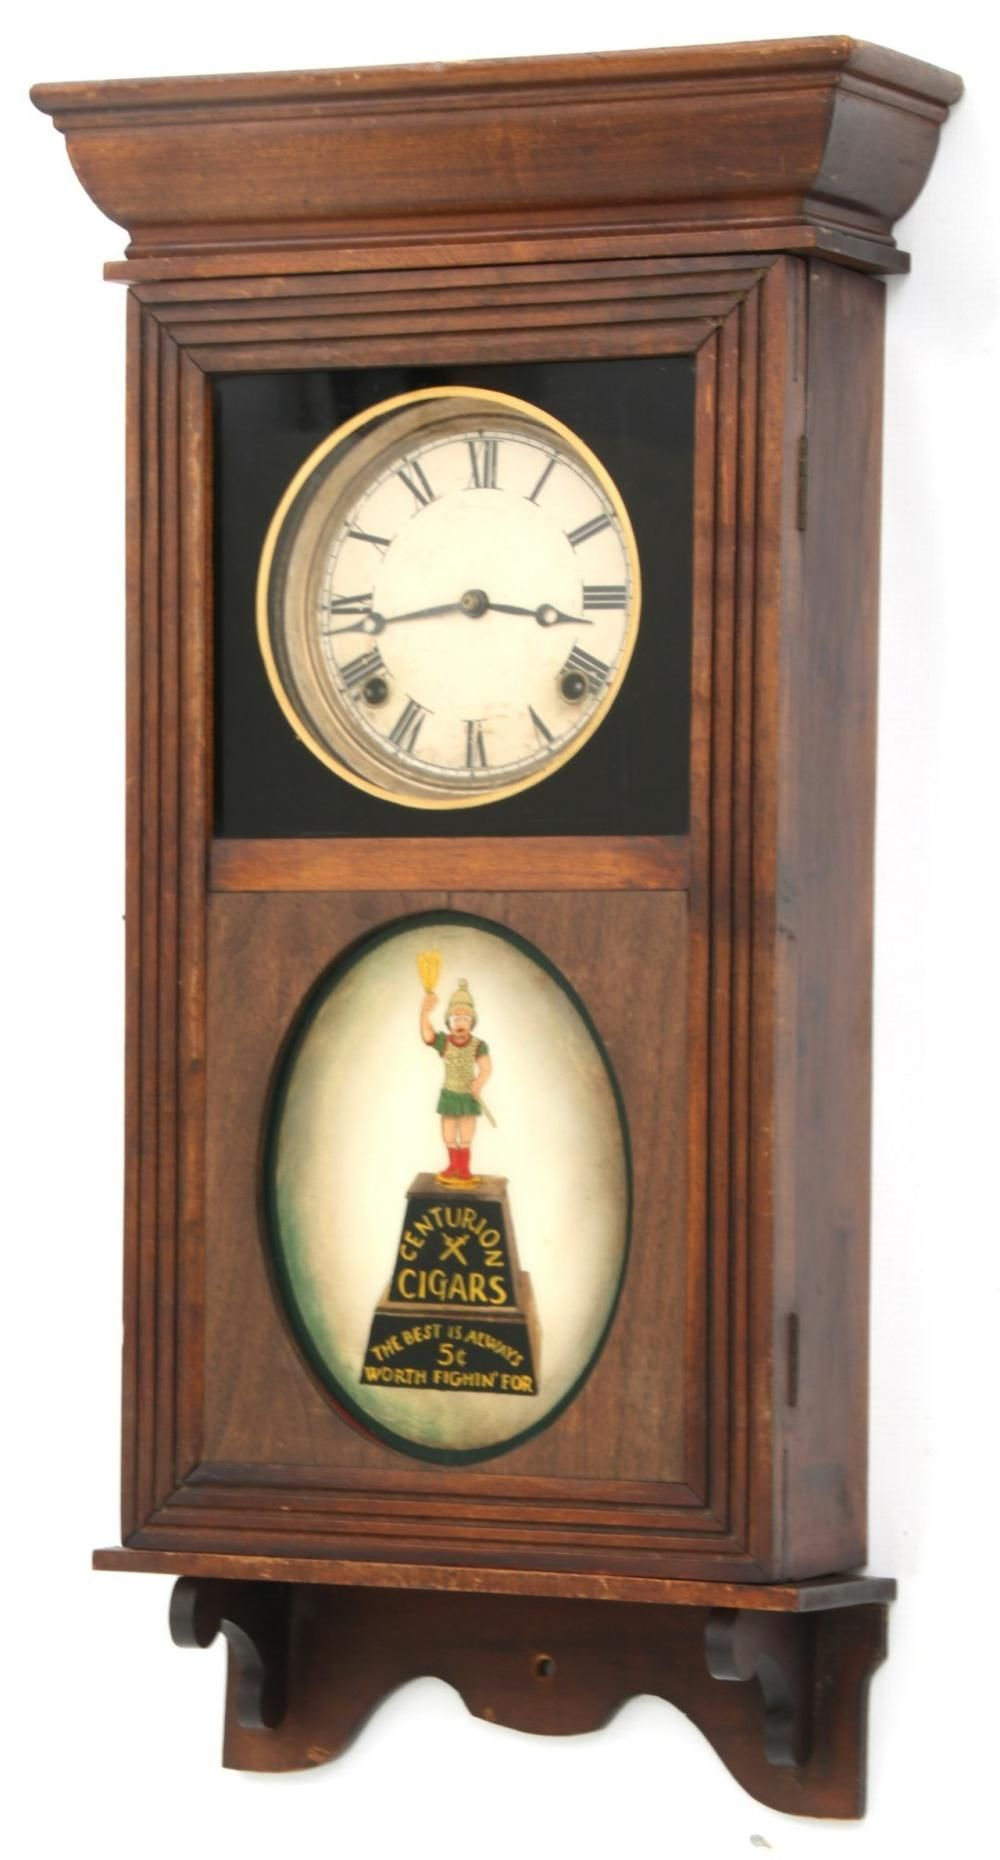 Centurion Cigars Advertising Sessions Wall Clock Clock Wall Clock Old Clocks